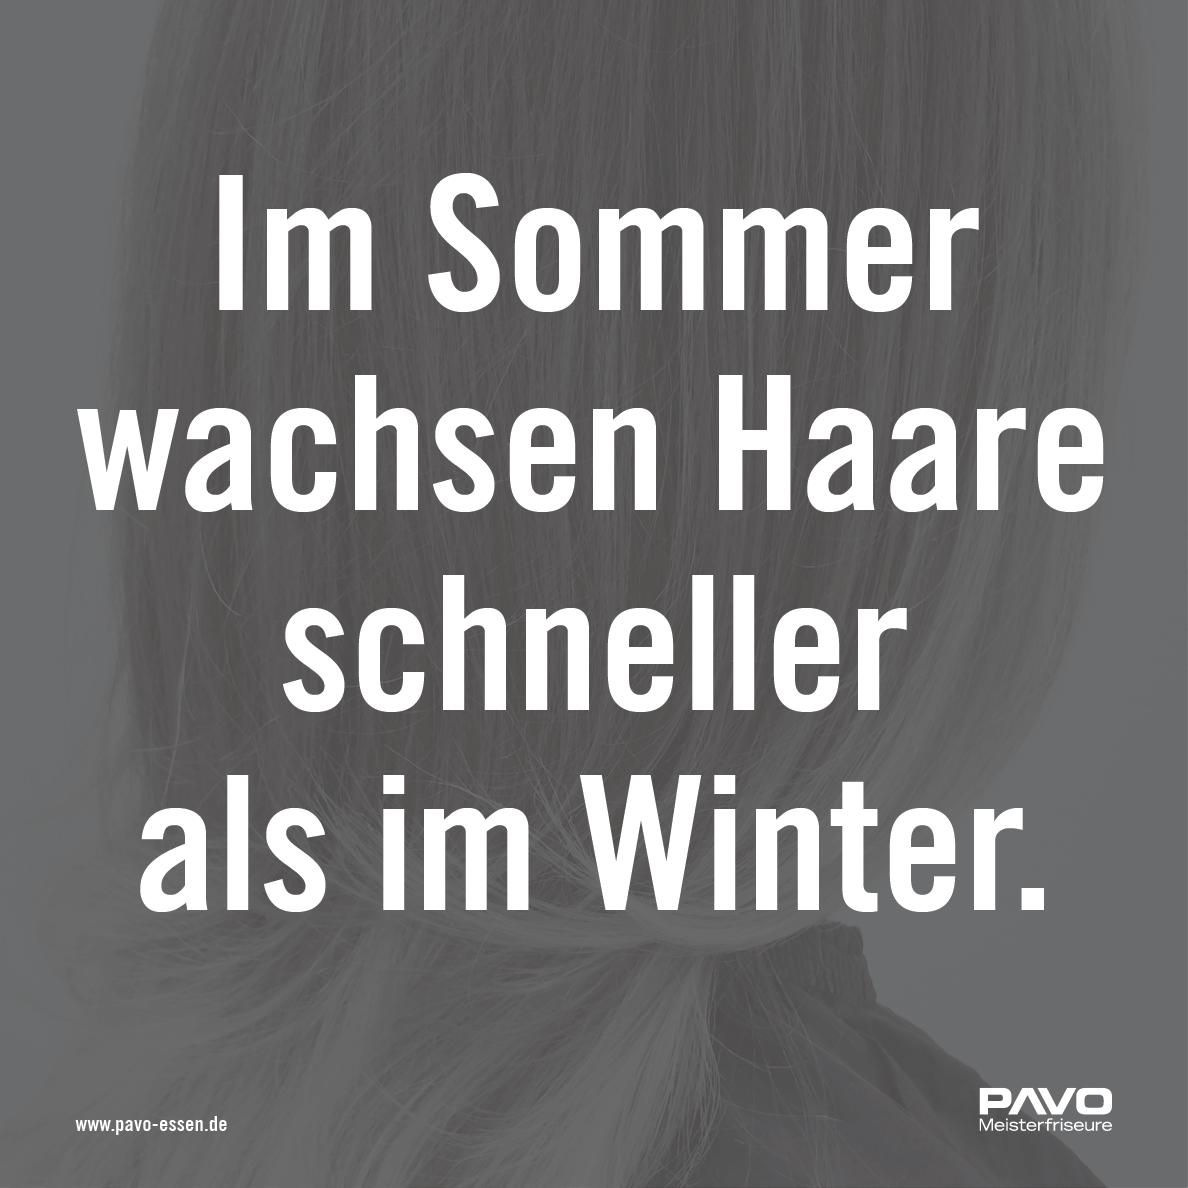 Fact Friday — Im Sommer wachsen Haare schneller als im Winter